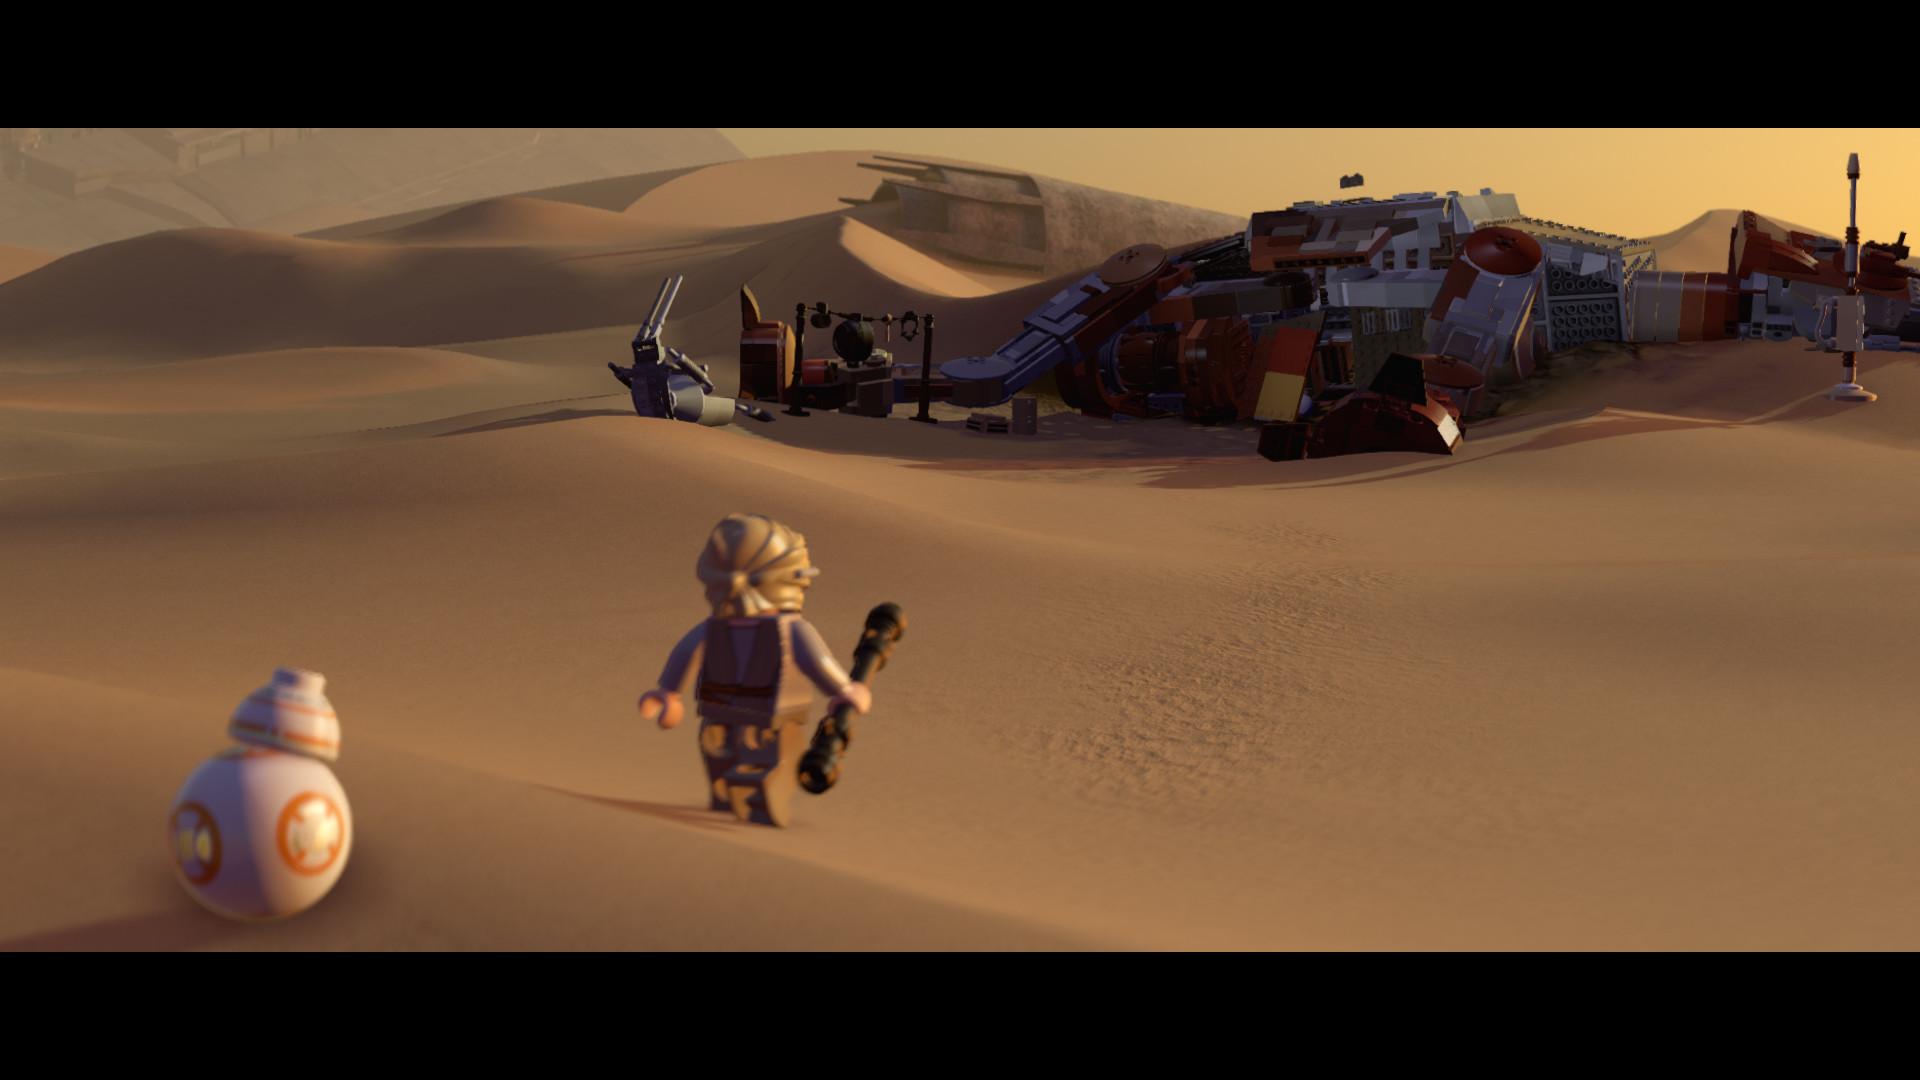 LEGO Star Wars: The Force Awakens / LEGO Звездные войны: Пробуждение Силы [2016|Rus]